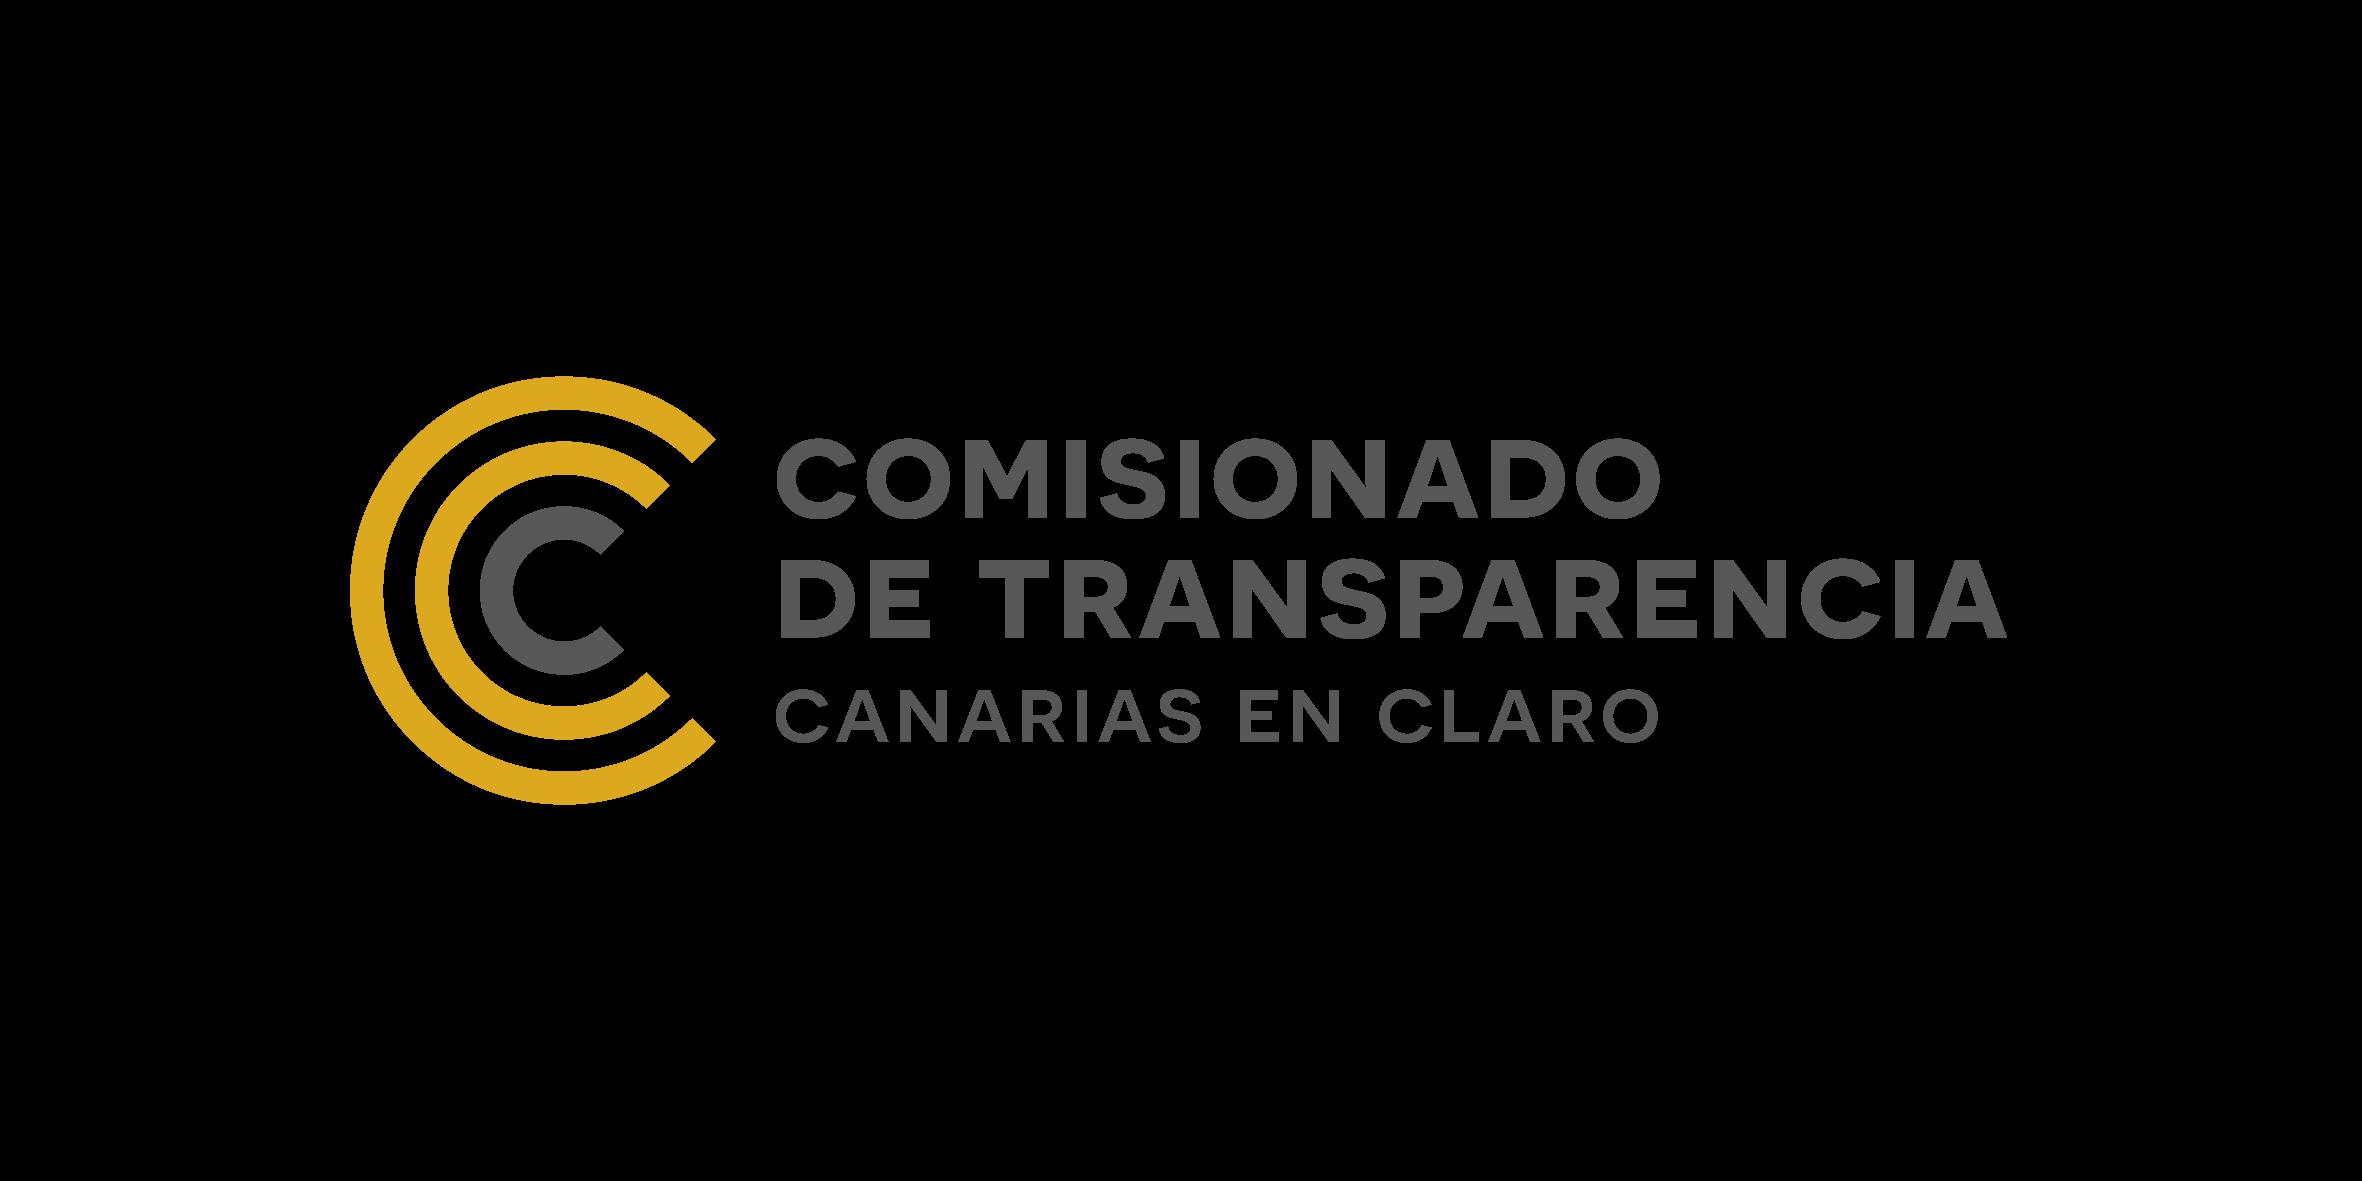 Comisionado de transparencia canario